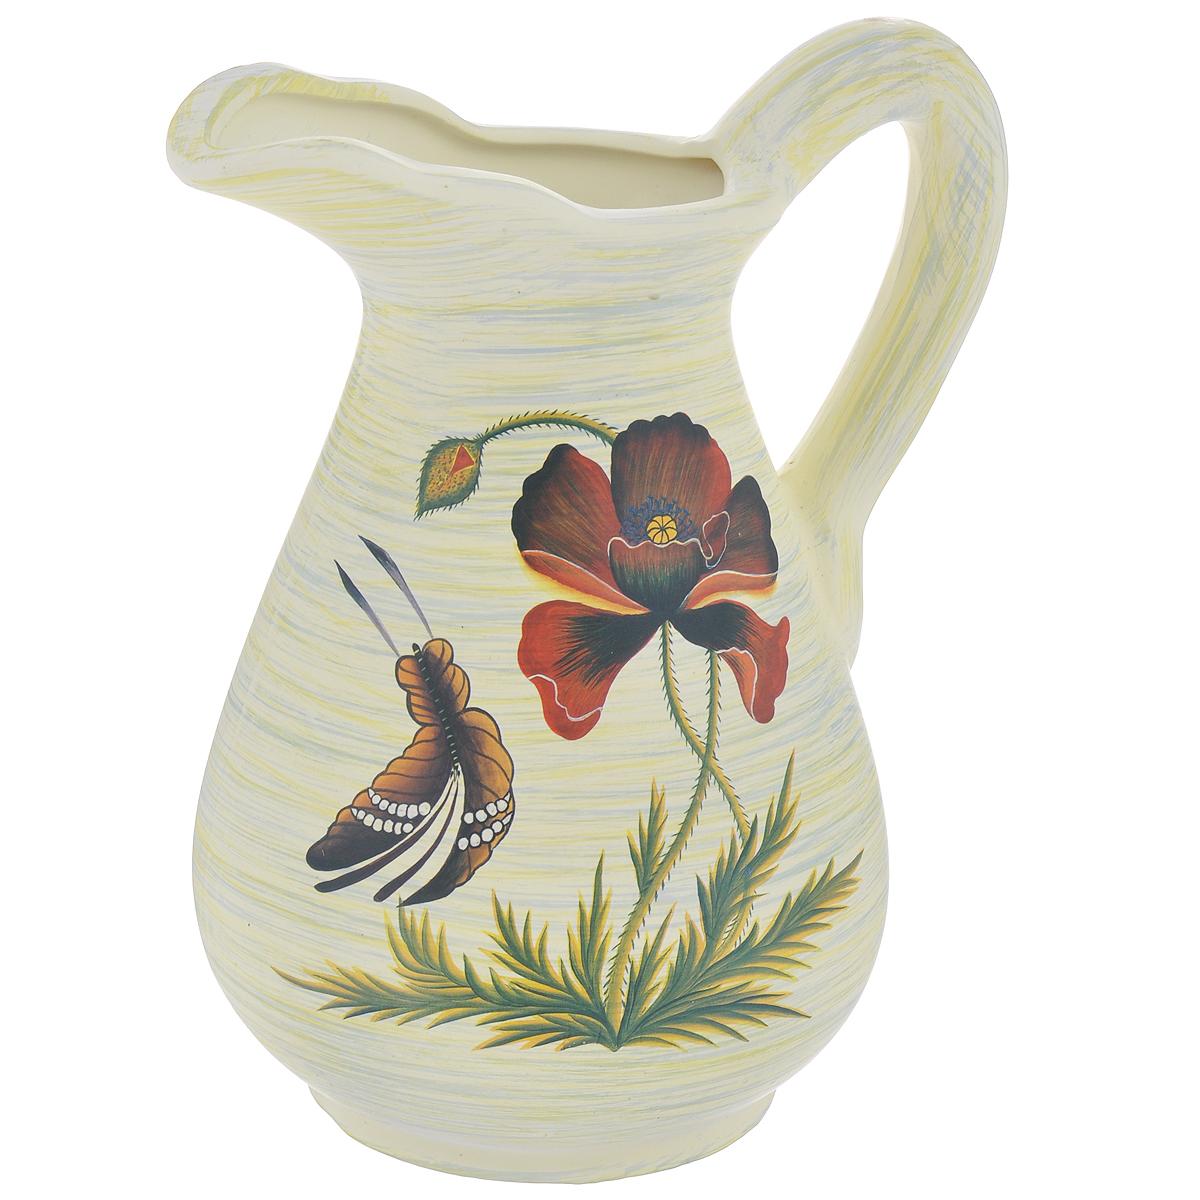 Ваза Lillo Маки и бабочка, высота 25 смLil 3056Элегантная ваза Lillo Маки и бабочка выполнена из высококачественной керамики в виде кувшина и декорирована рисунком. Она придется по вкусу и ценителям классики, и тем, кто предпочитает утонченность и изящность. Вы можете поставить вазу в любом месте, где она будет удачно смотреться и радовать глаз. Такая ваза подойдет и для цветов, и для декора интерьера. Кроме того - это отличный вариант подарка для ваших близких и друзей. Высота вазы: 25 см. Диаметр основания: 11,5 см.